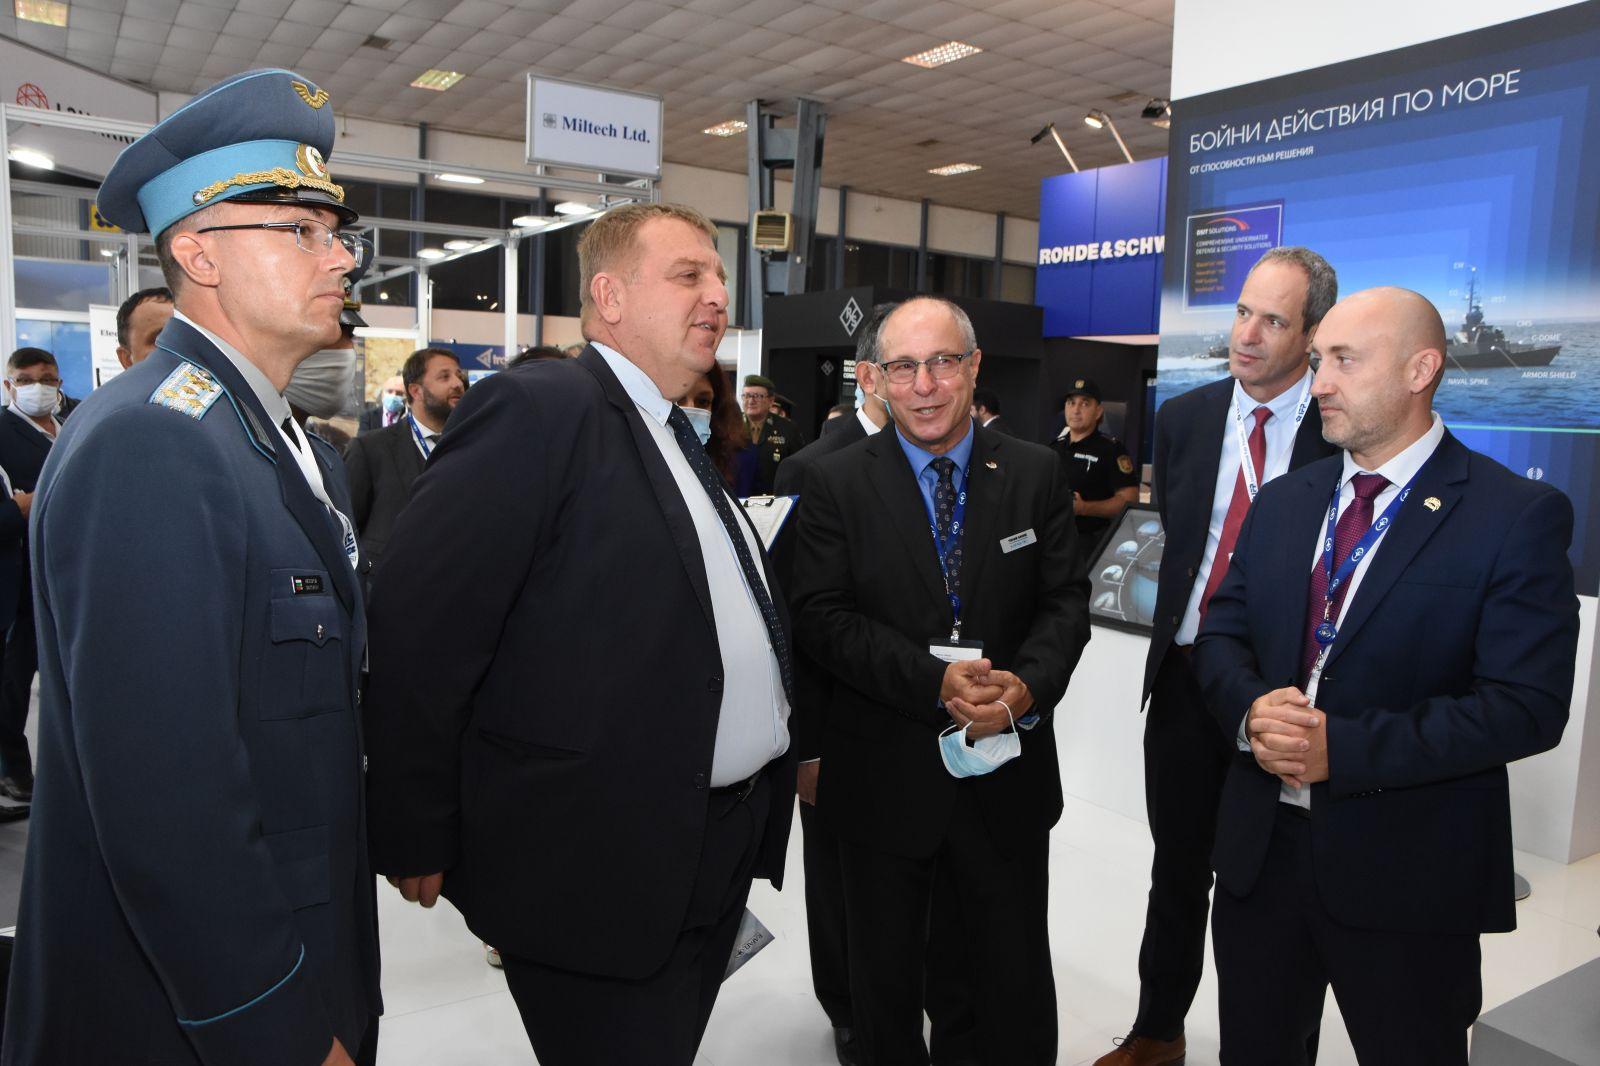 Имаме какво да предложим на България като трансфер на технологии и производствен опит - Изар Сахар, регионален директор за Европа на RAFAEL Advanced Defense Systems Ltd.